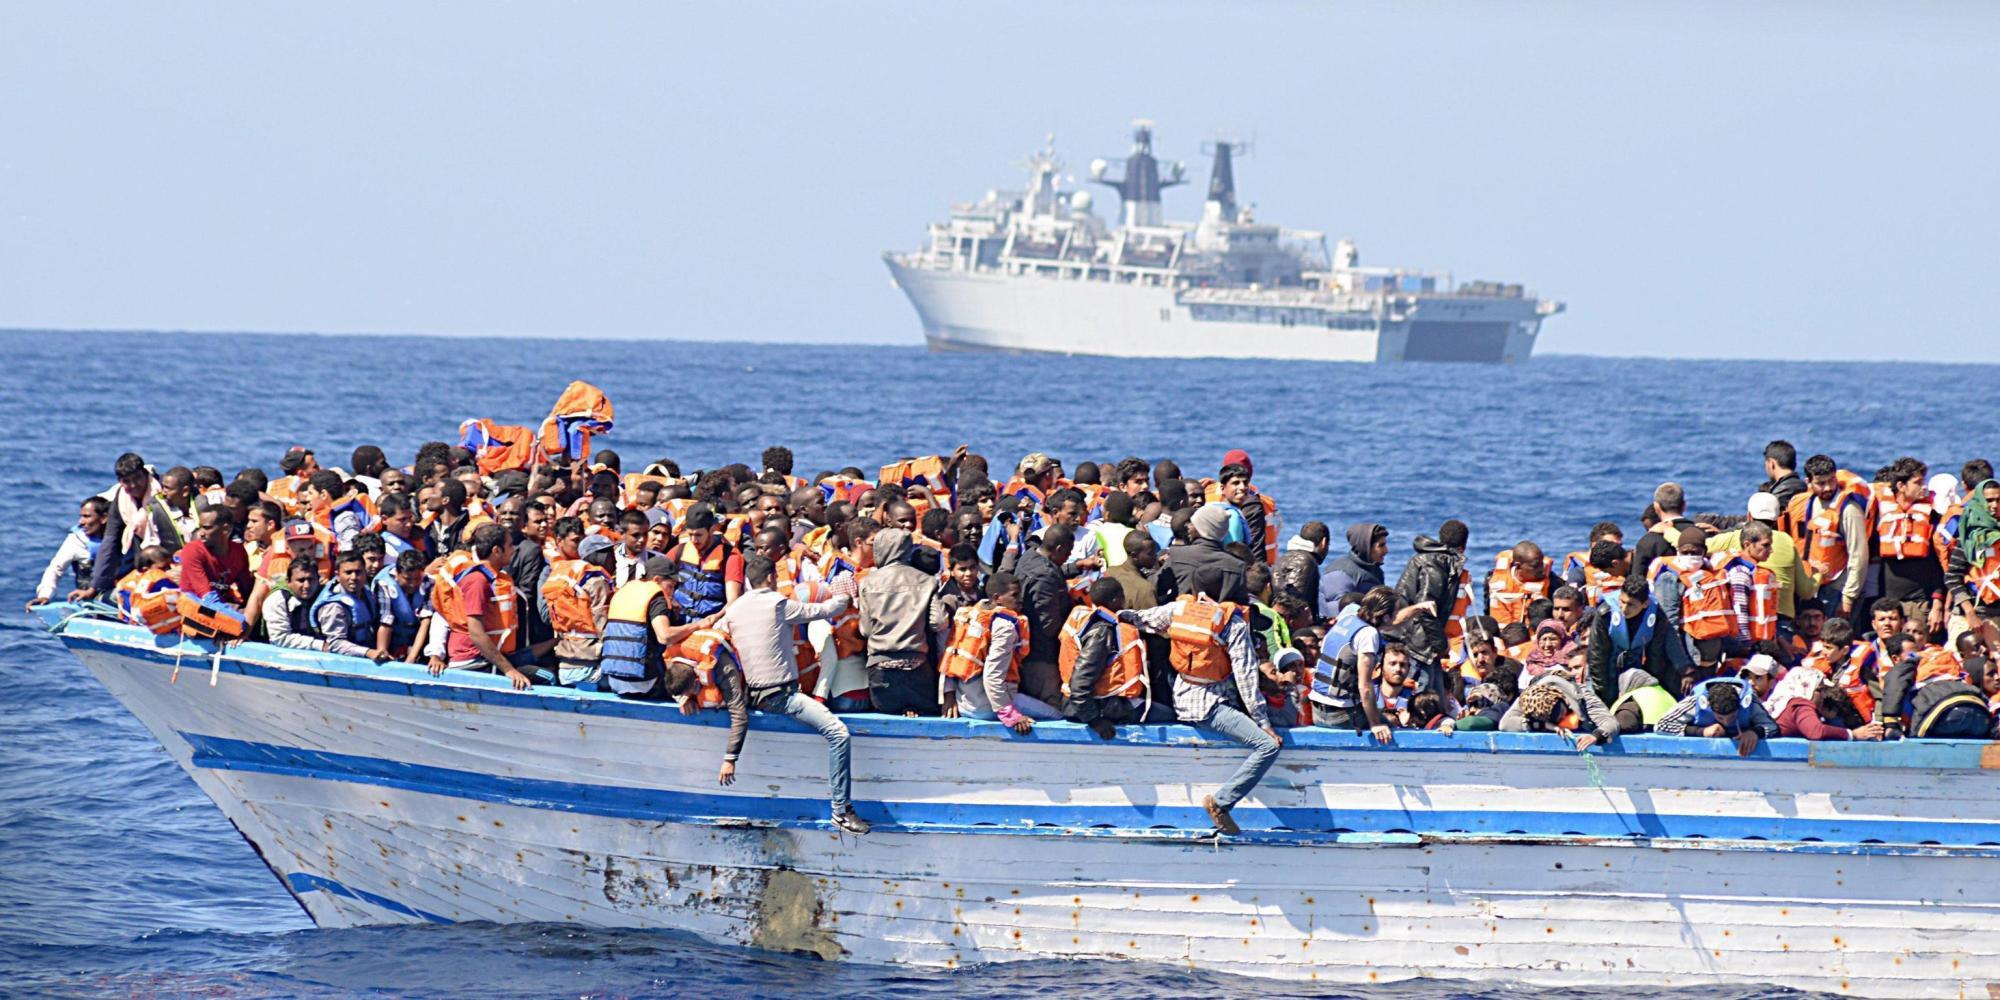 Migranti e politica, il silenzio delle piazze